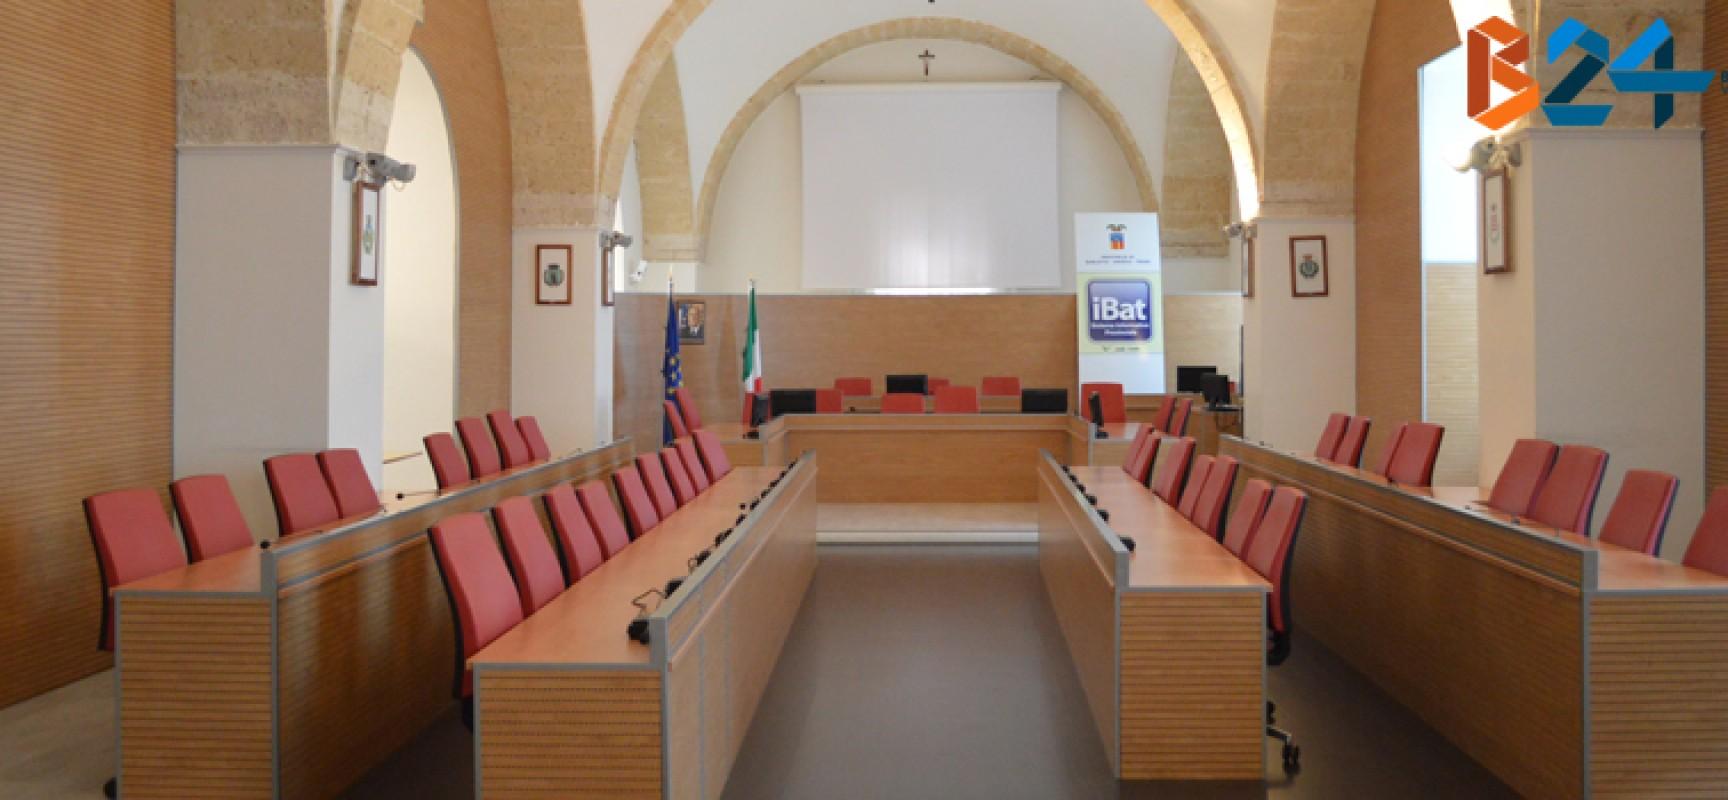 La BAT approva all'unanimità il provvedimento contro l'importazione dell'olio tunisino